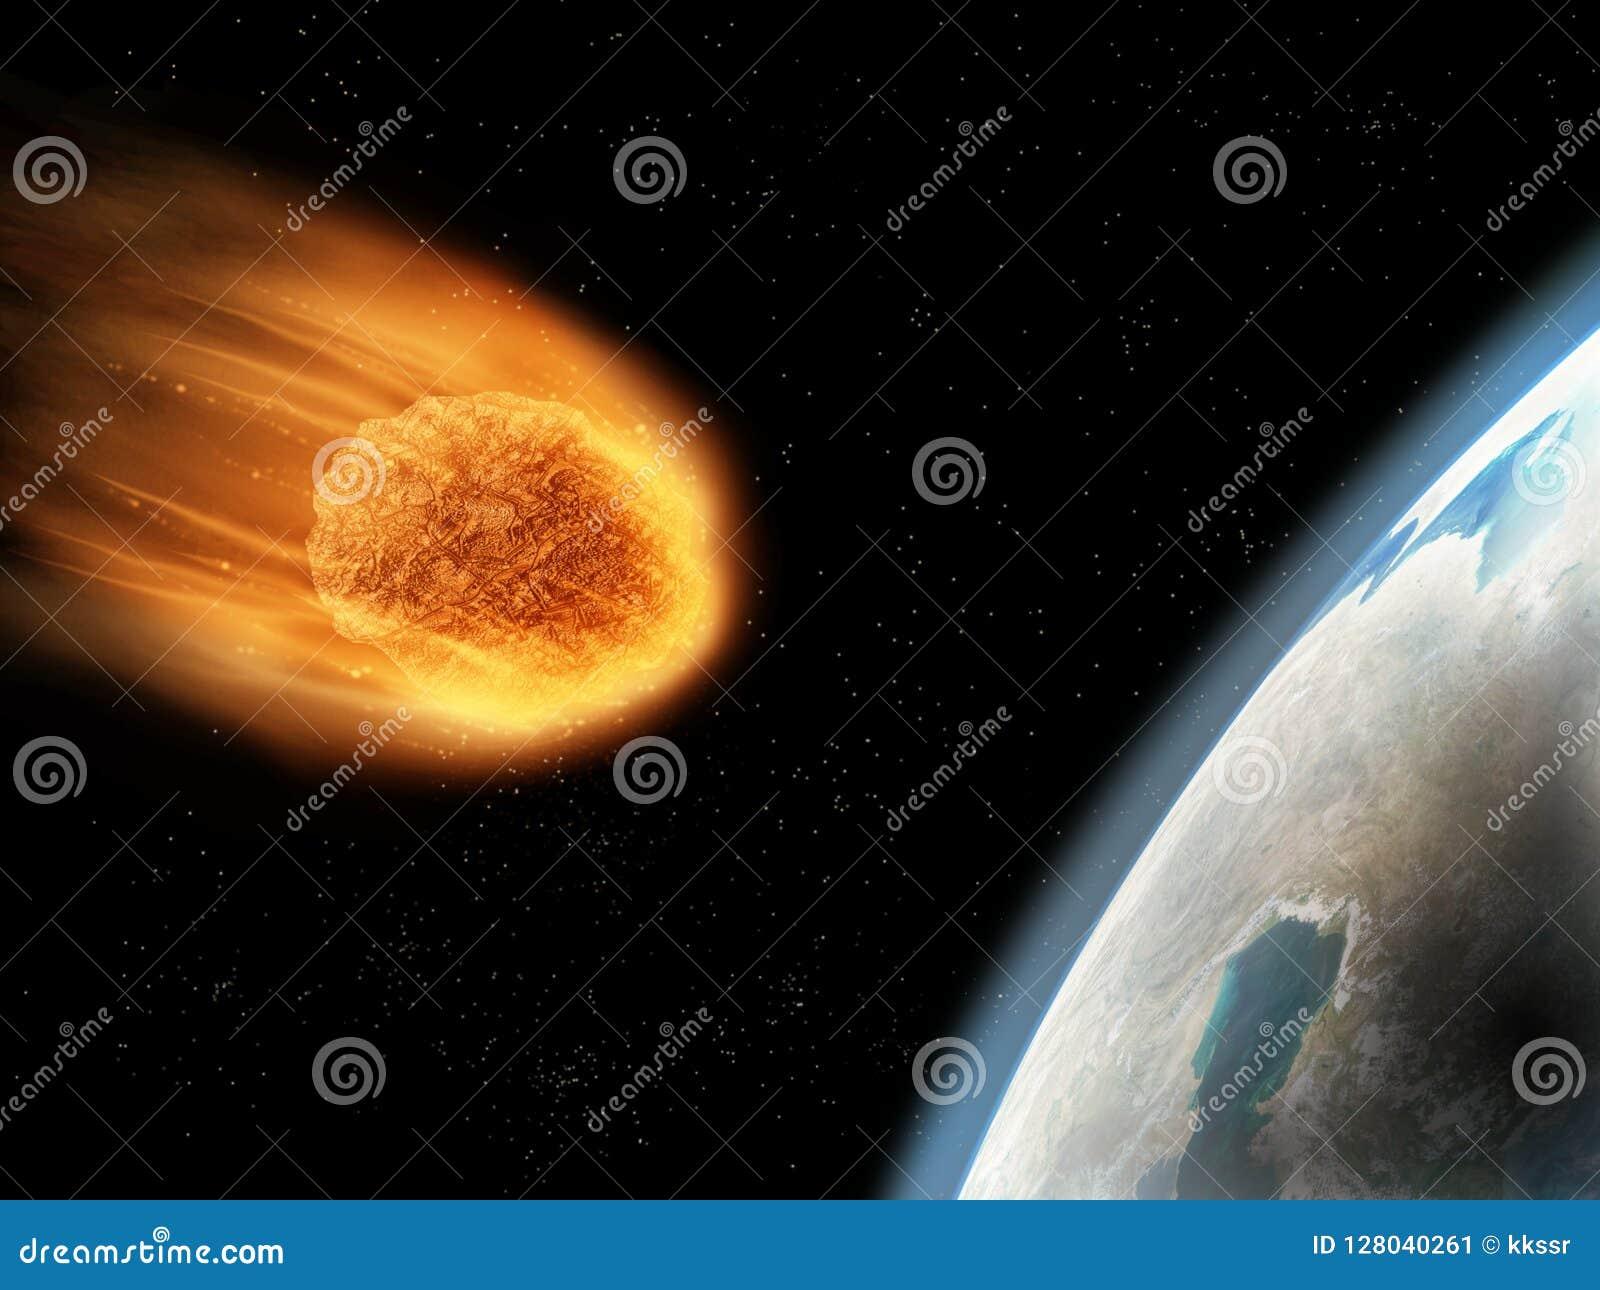 Πέφτοντας κάτω, που τραβιέται από τη βαρύτητα, η έναρξη επιφάνειάς του που παίρνει μμένη Conce Armageddon